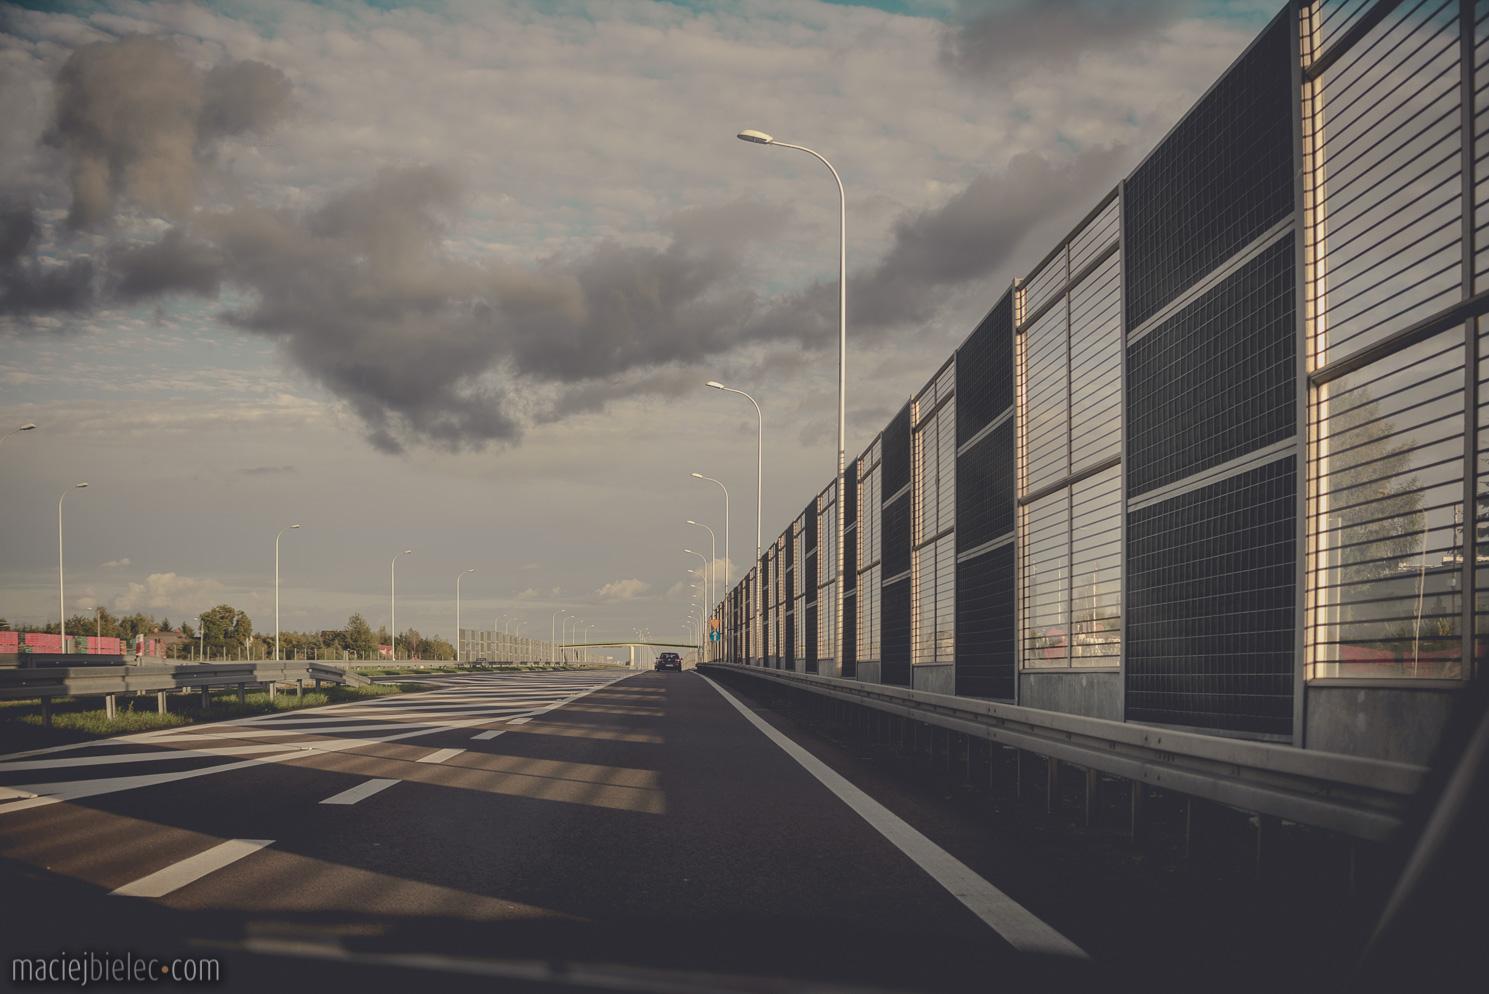 Dramatyczne chmury nad autostradą